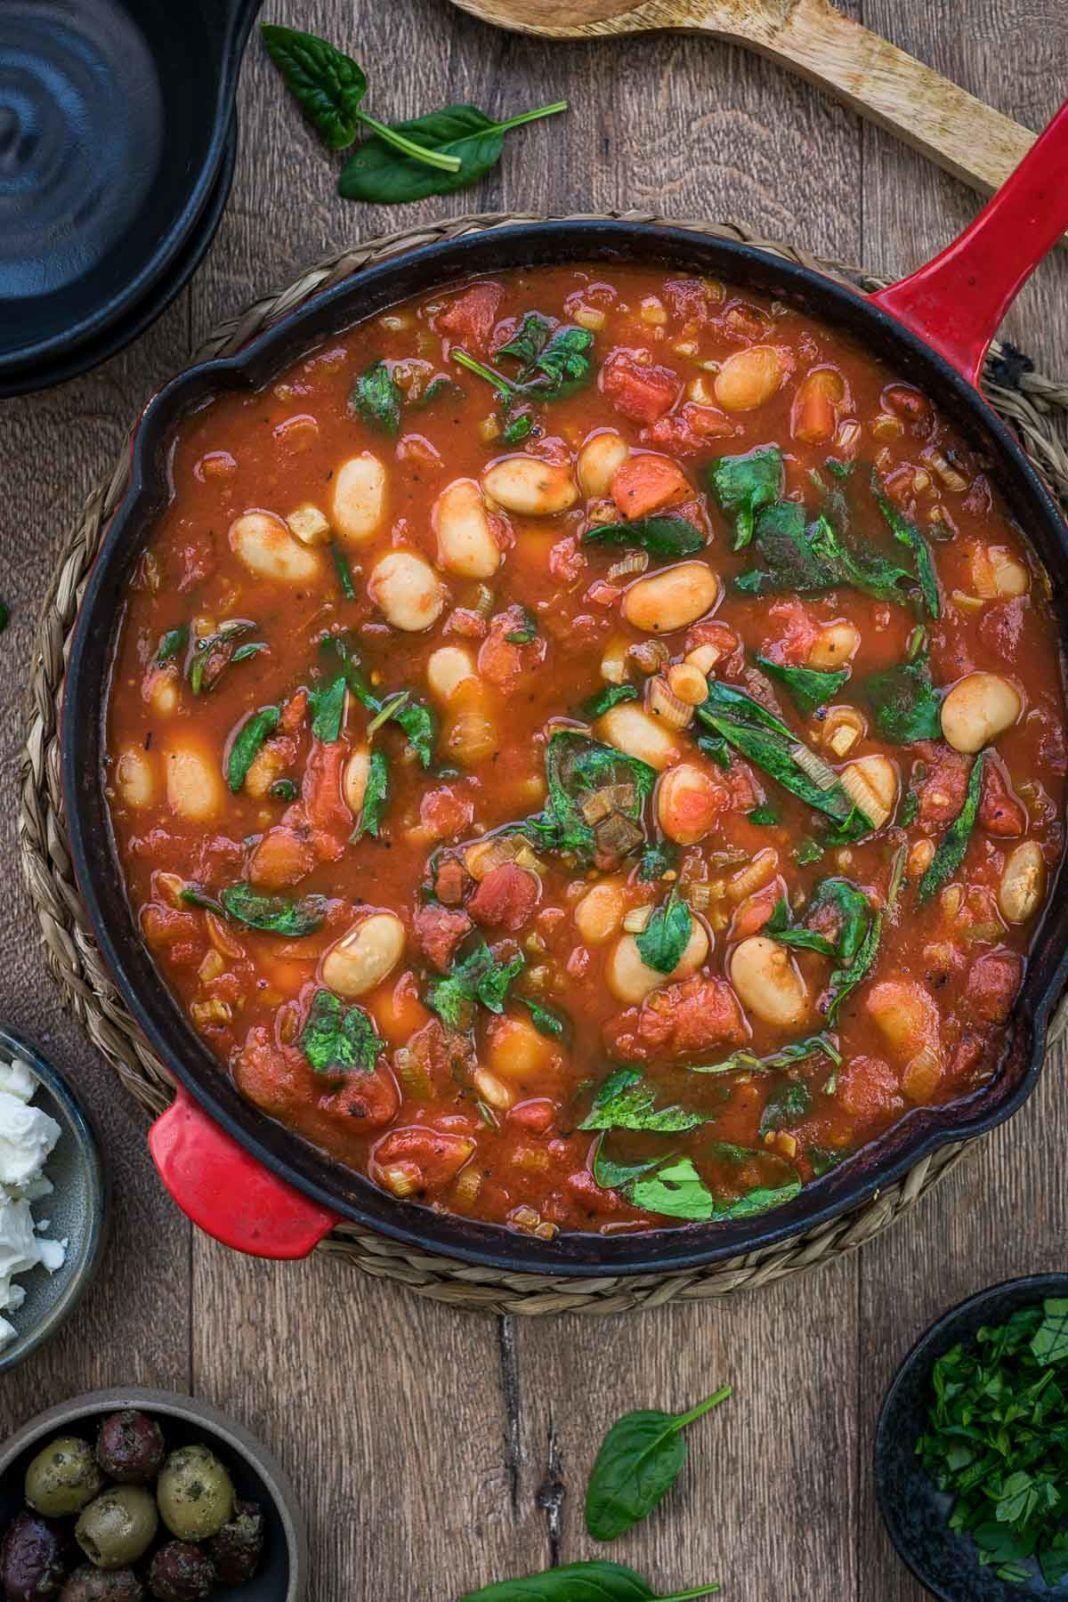 4b96ed928fb574b5d72b7c52b33562e0 - Rezepte Tomatensoãÿe